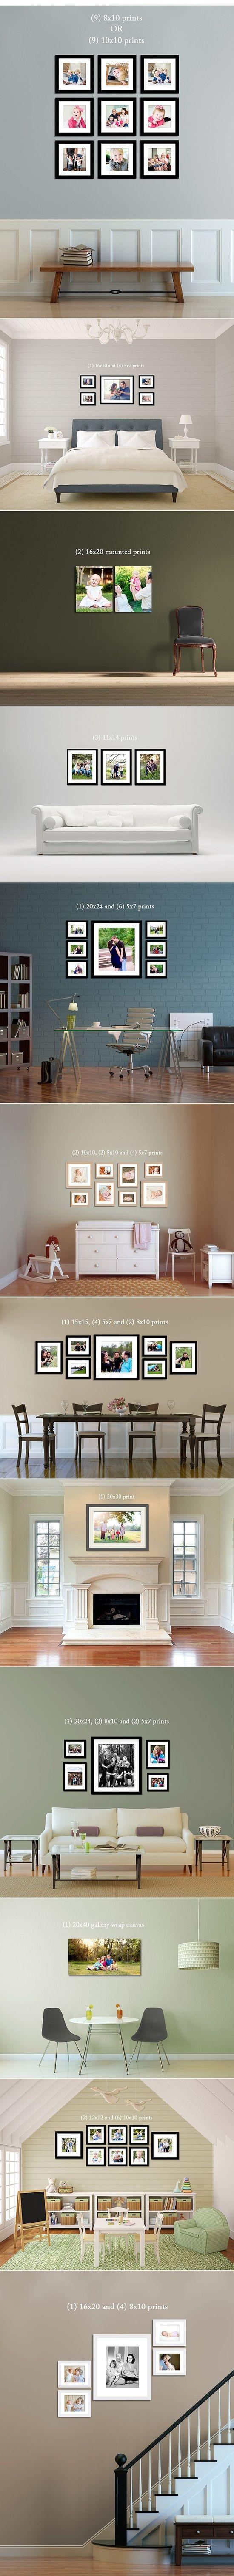 Great picture arrangement ideas.                              …